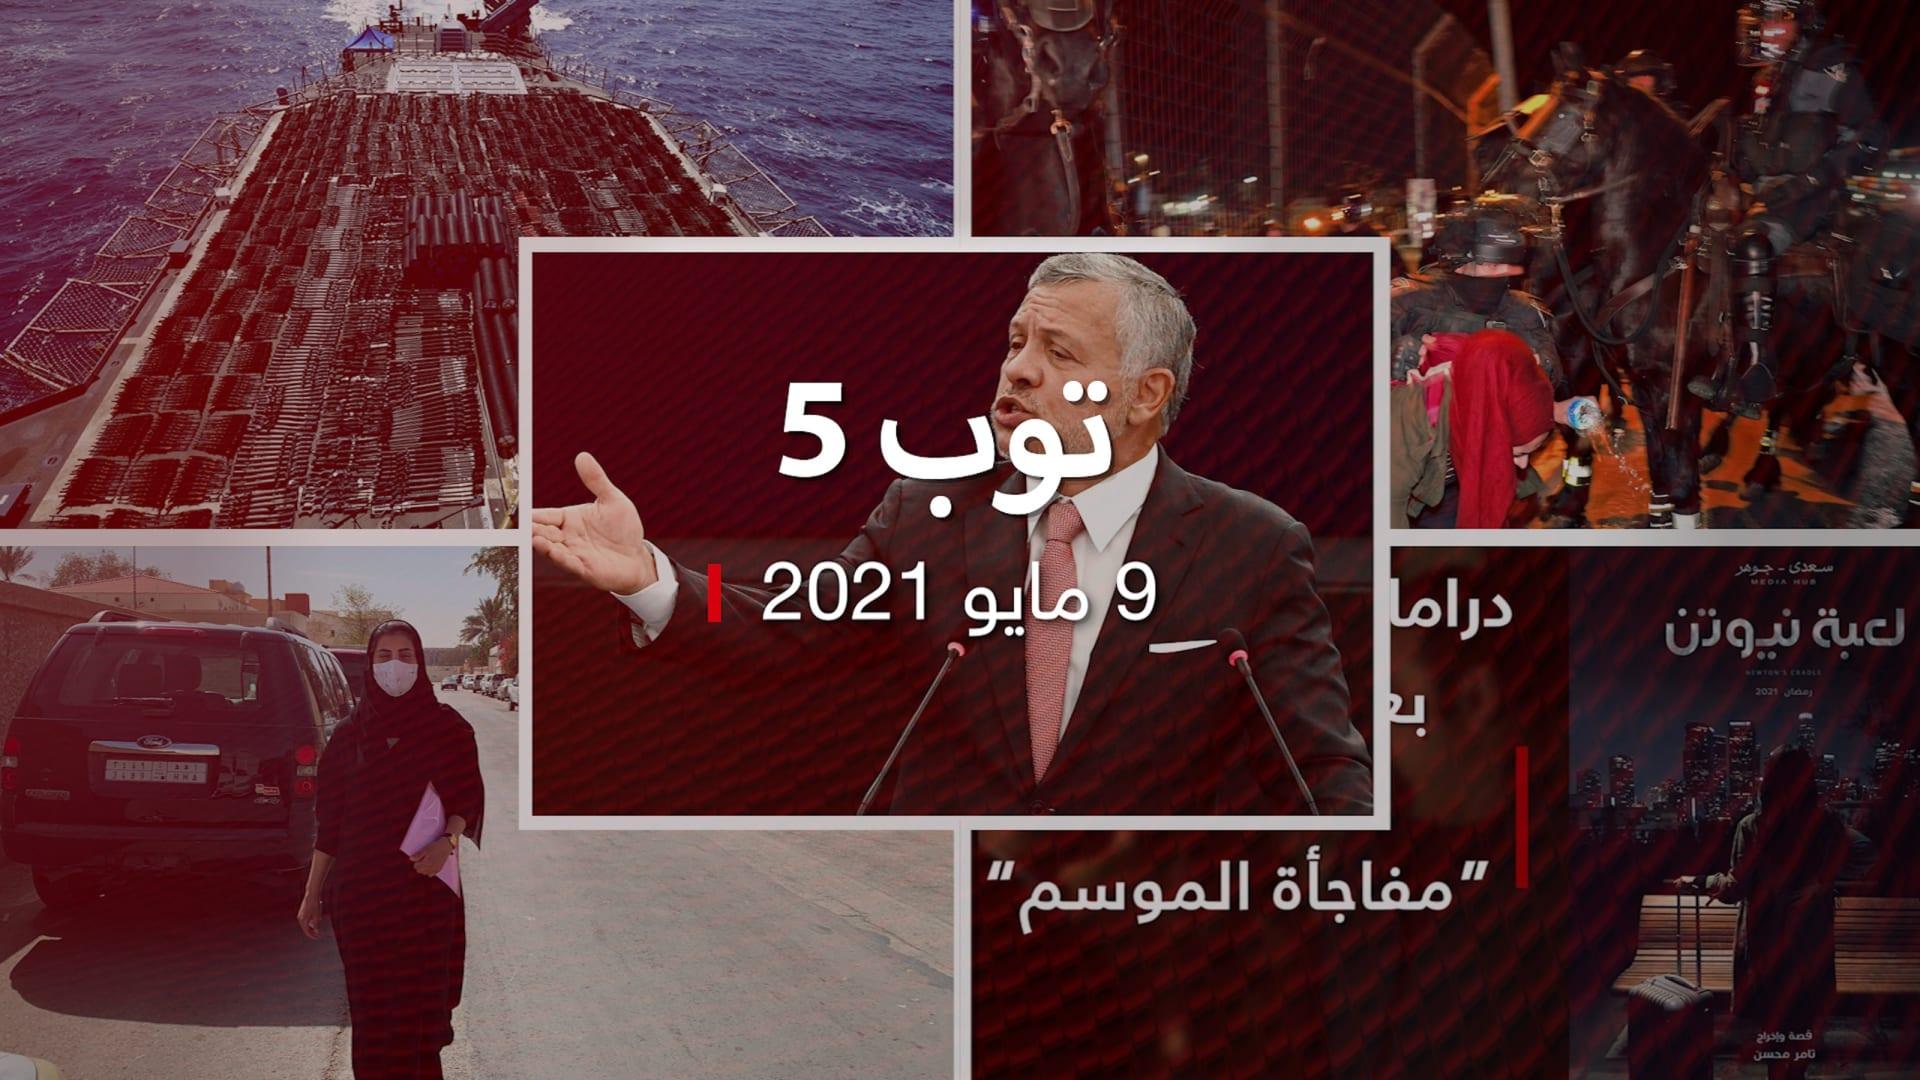 توب 5: تأجيل نظر قضية حي الشيخ جراح.. وشحنة أسلحة في بحر العرب